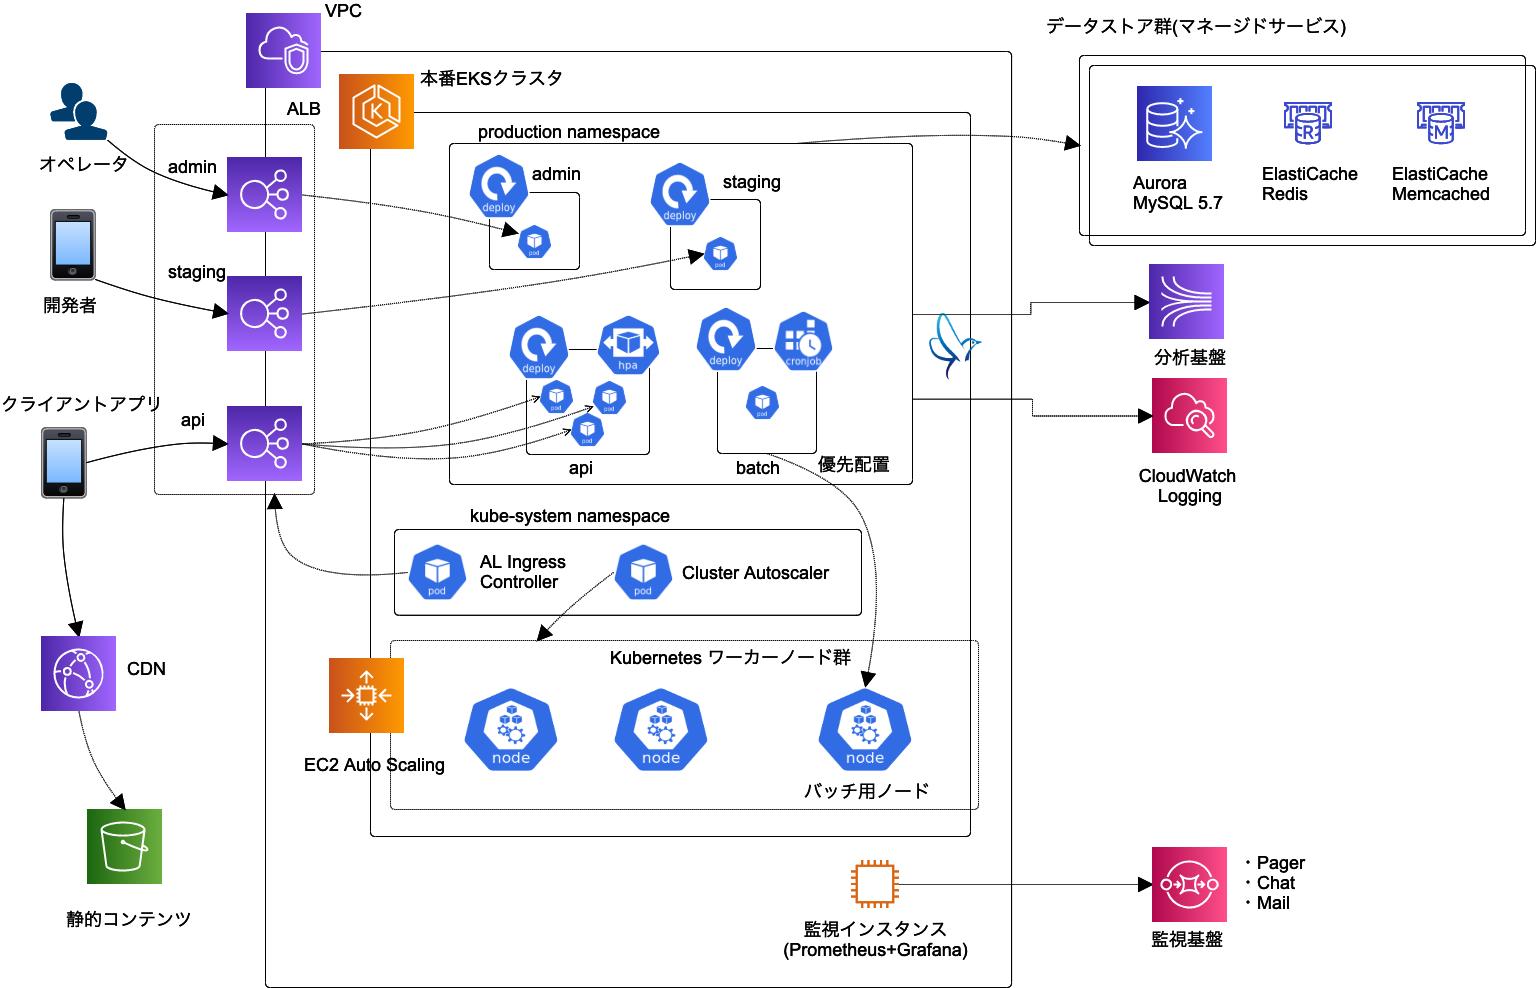 スマホゲームの API サーバにおける EKS の運用事例